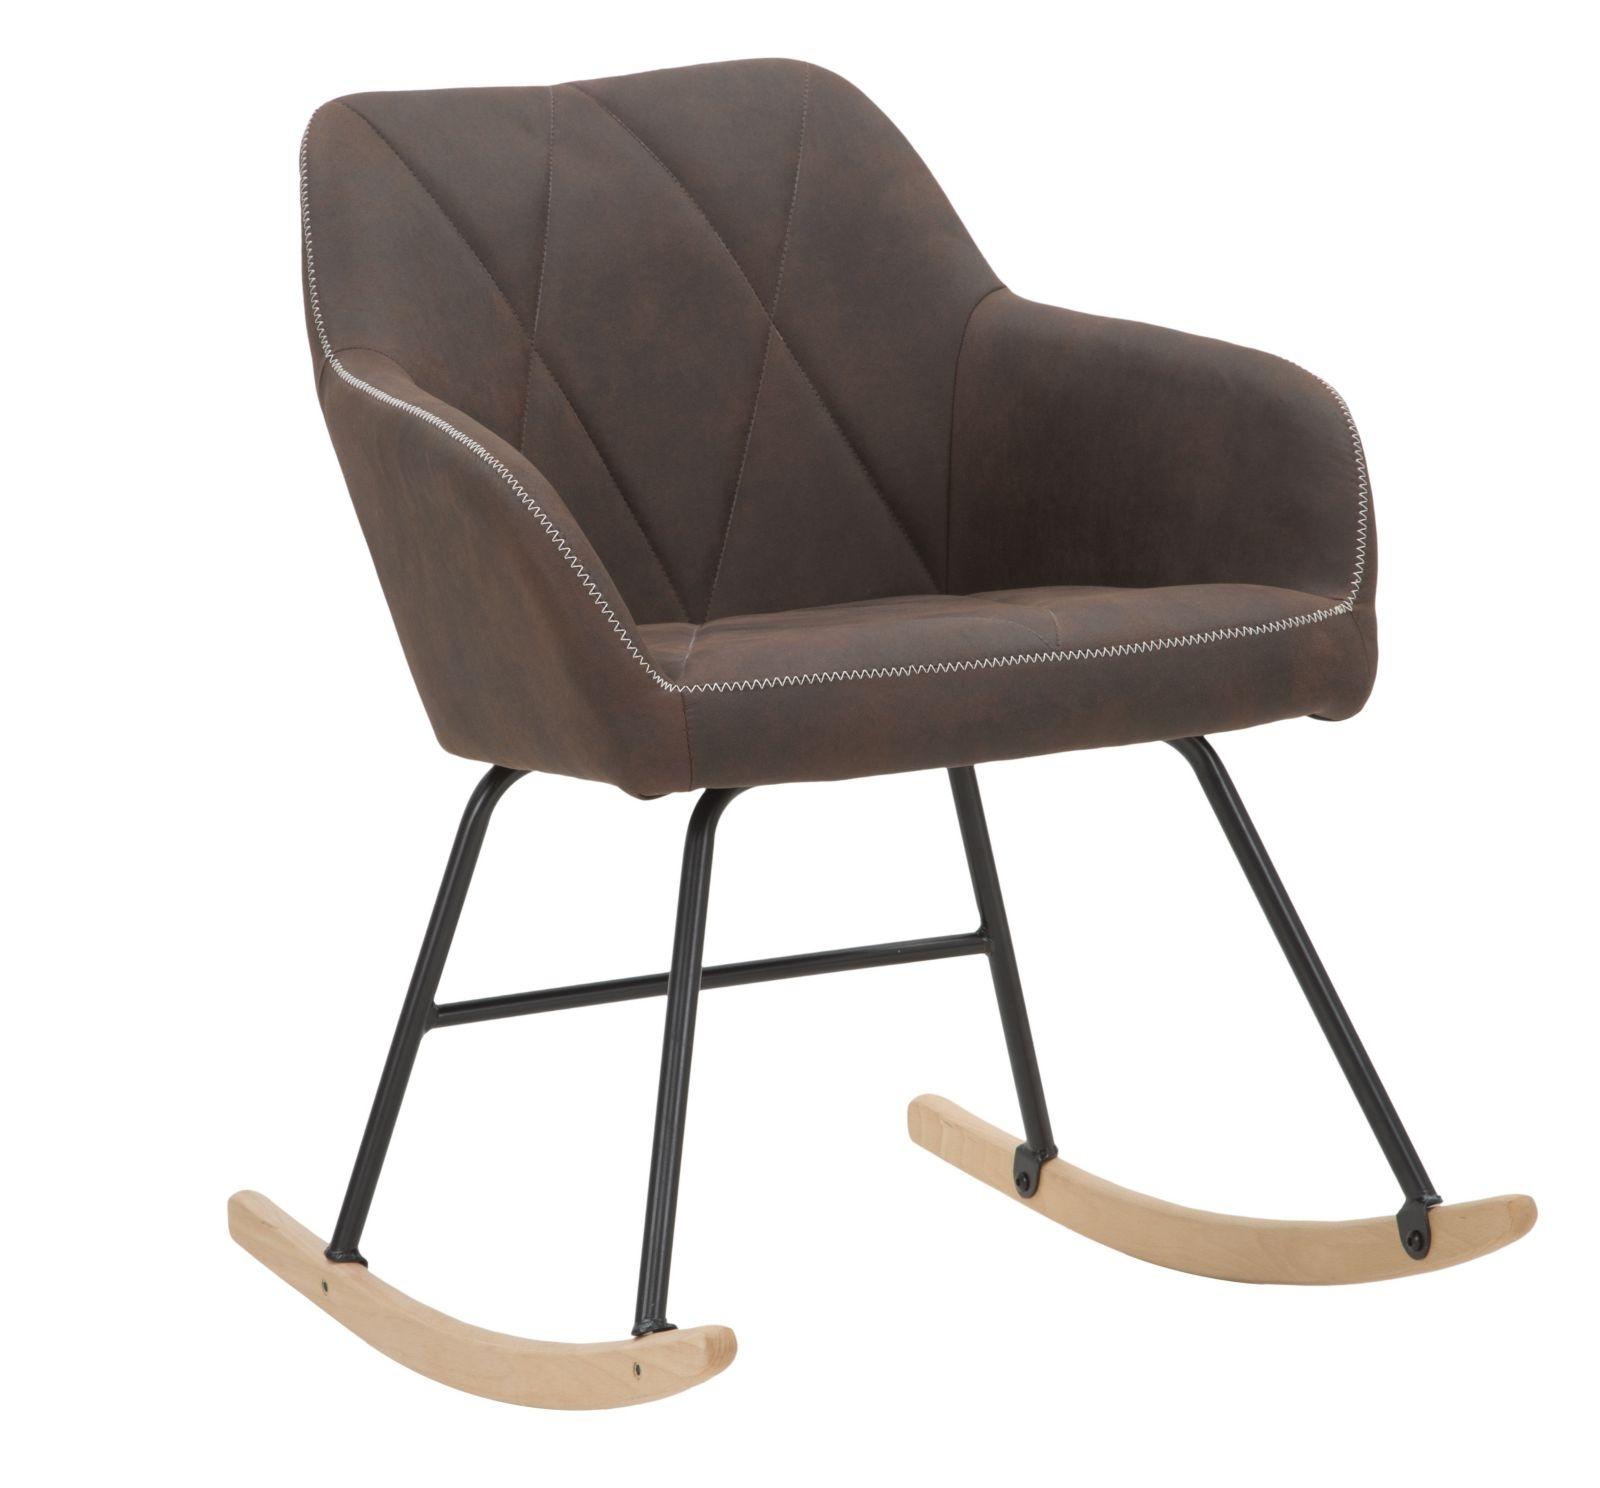 Scaun balansoar tapitat cu stofa, cu picioare din metal si lemn Underground Maro, l60xA72xH80 cm